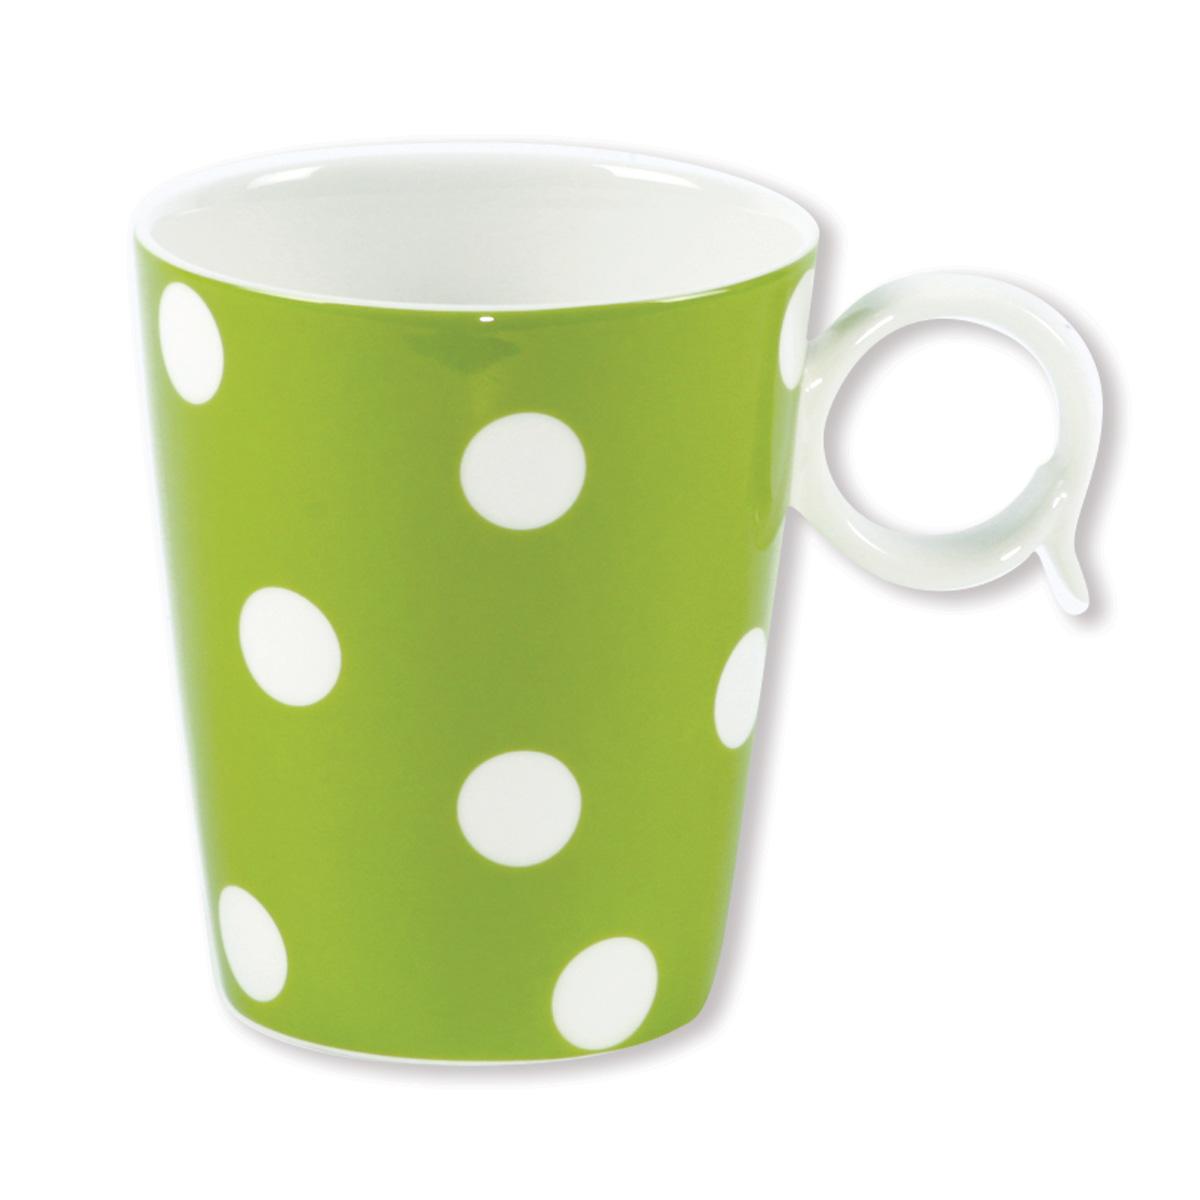 mug à pois en faïence - couleur vert anis - vaisselle tendance et chic